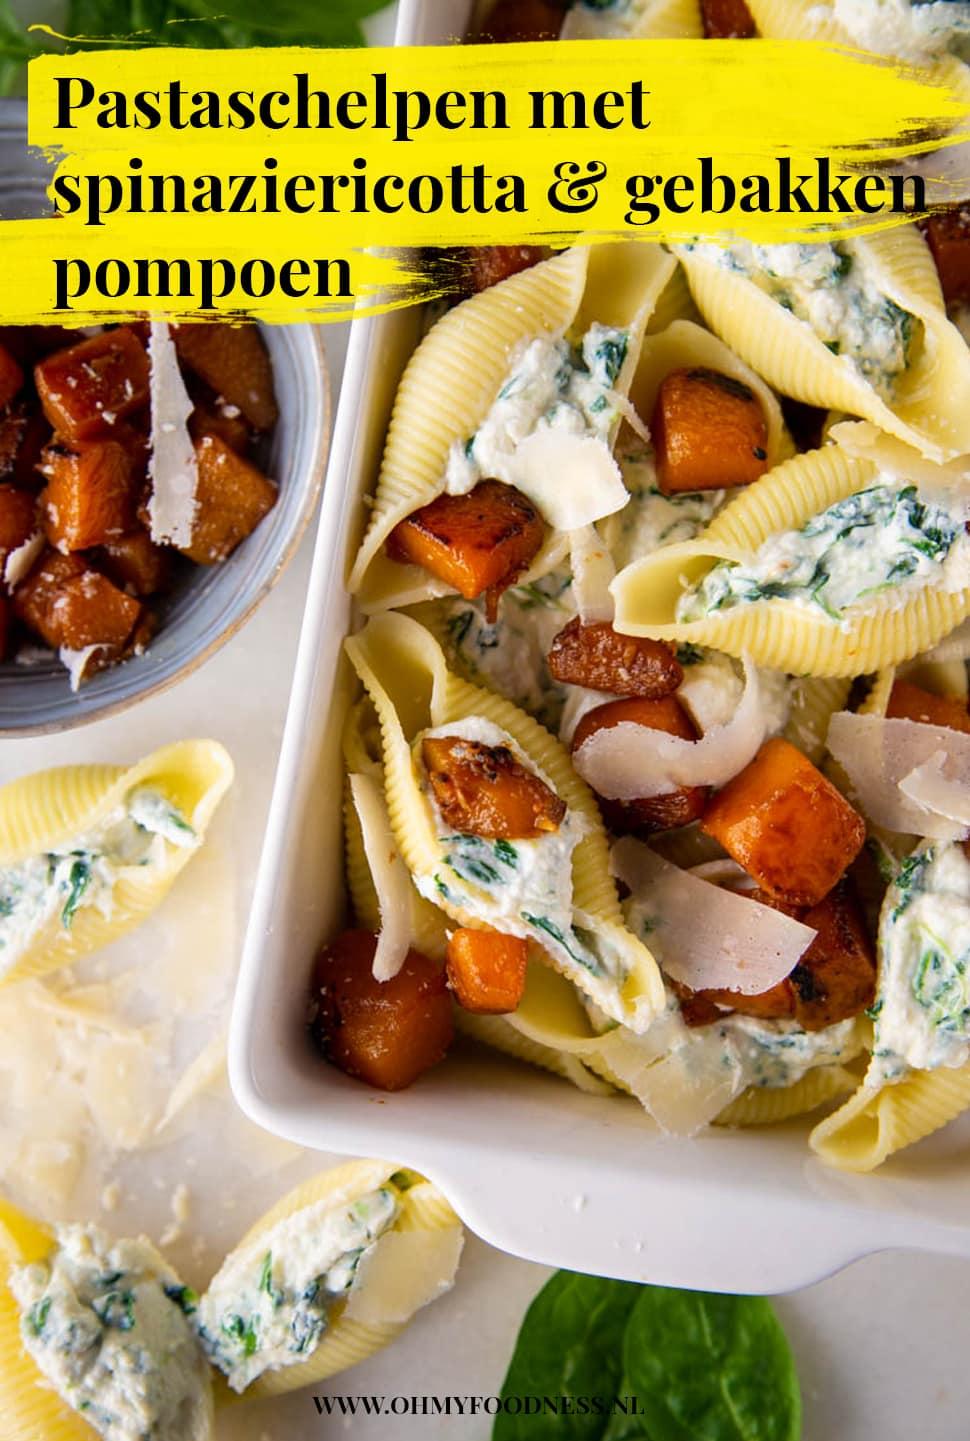 Pastaschelpen met spinaziericotta en gebakken pompoen